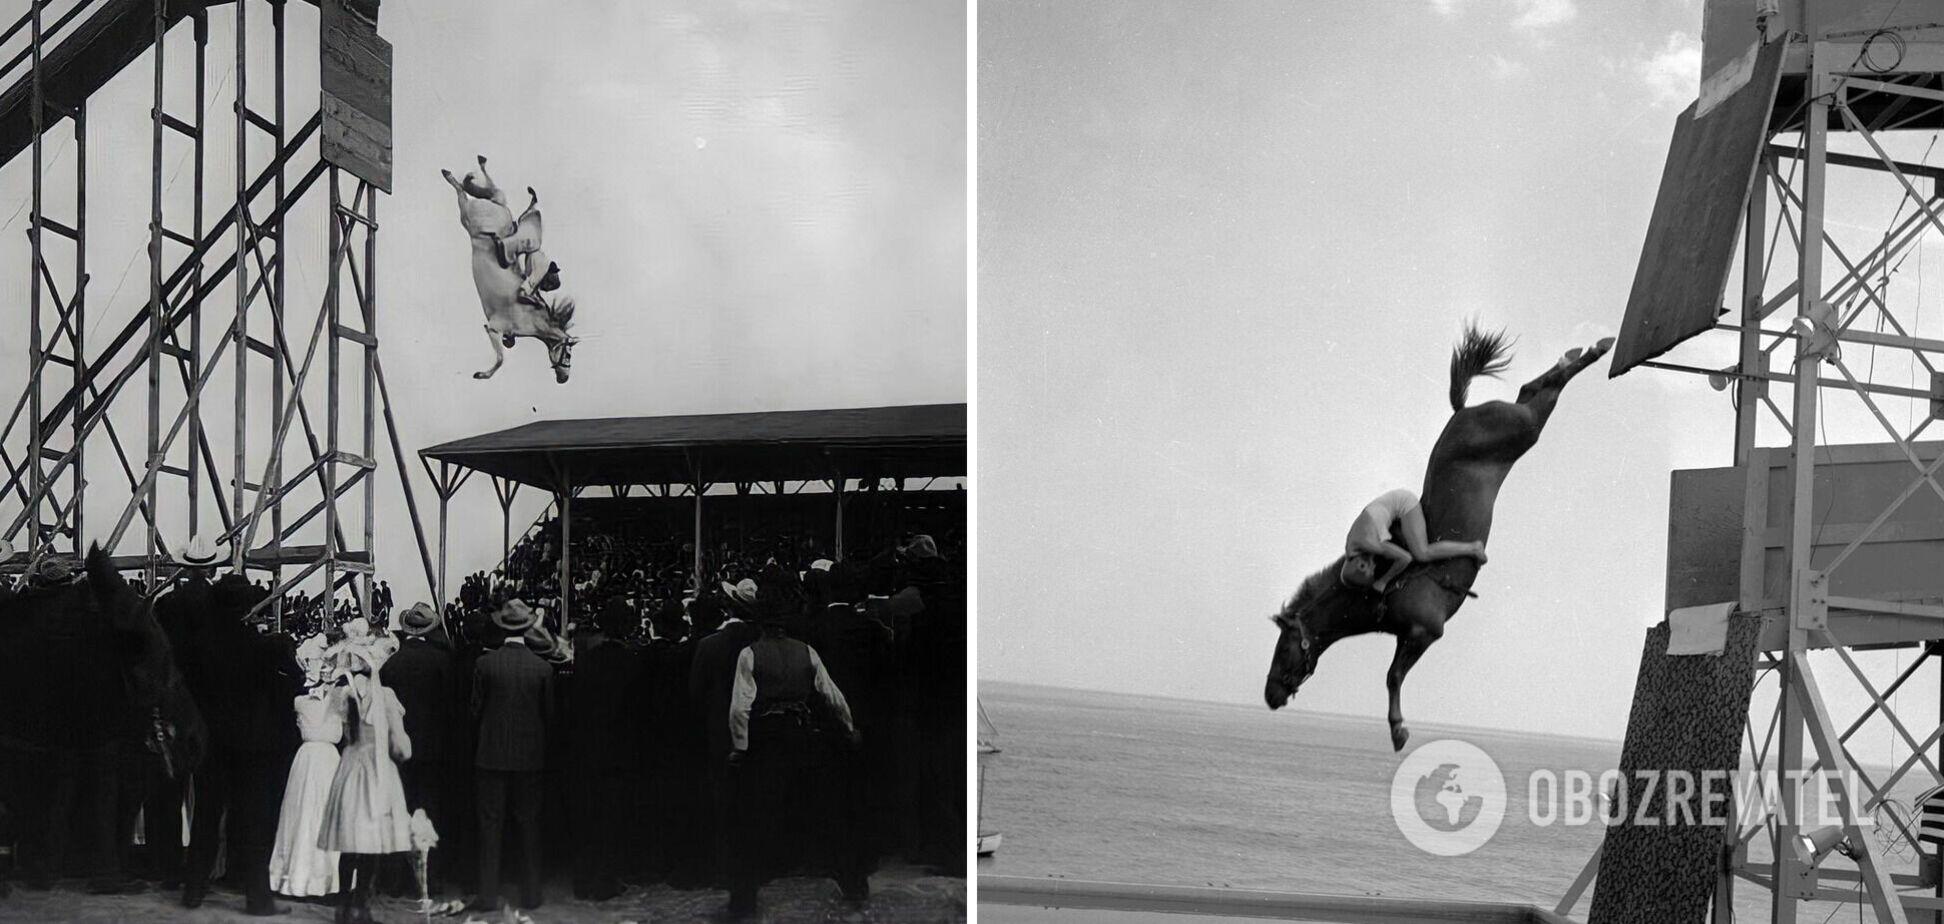 Автором идеи нырять на коне был американец Уильям Карвер